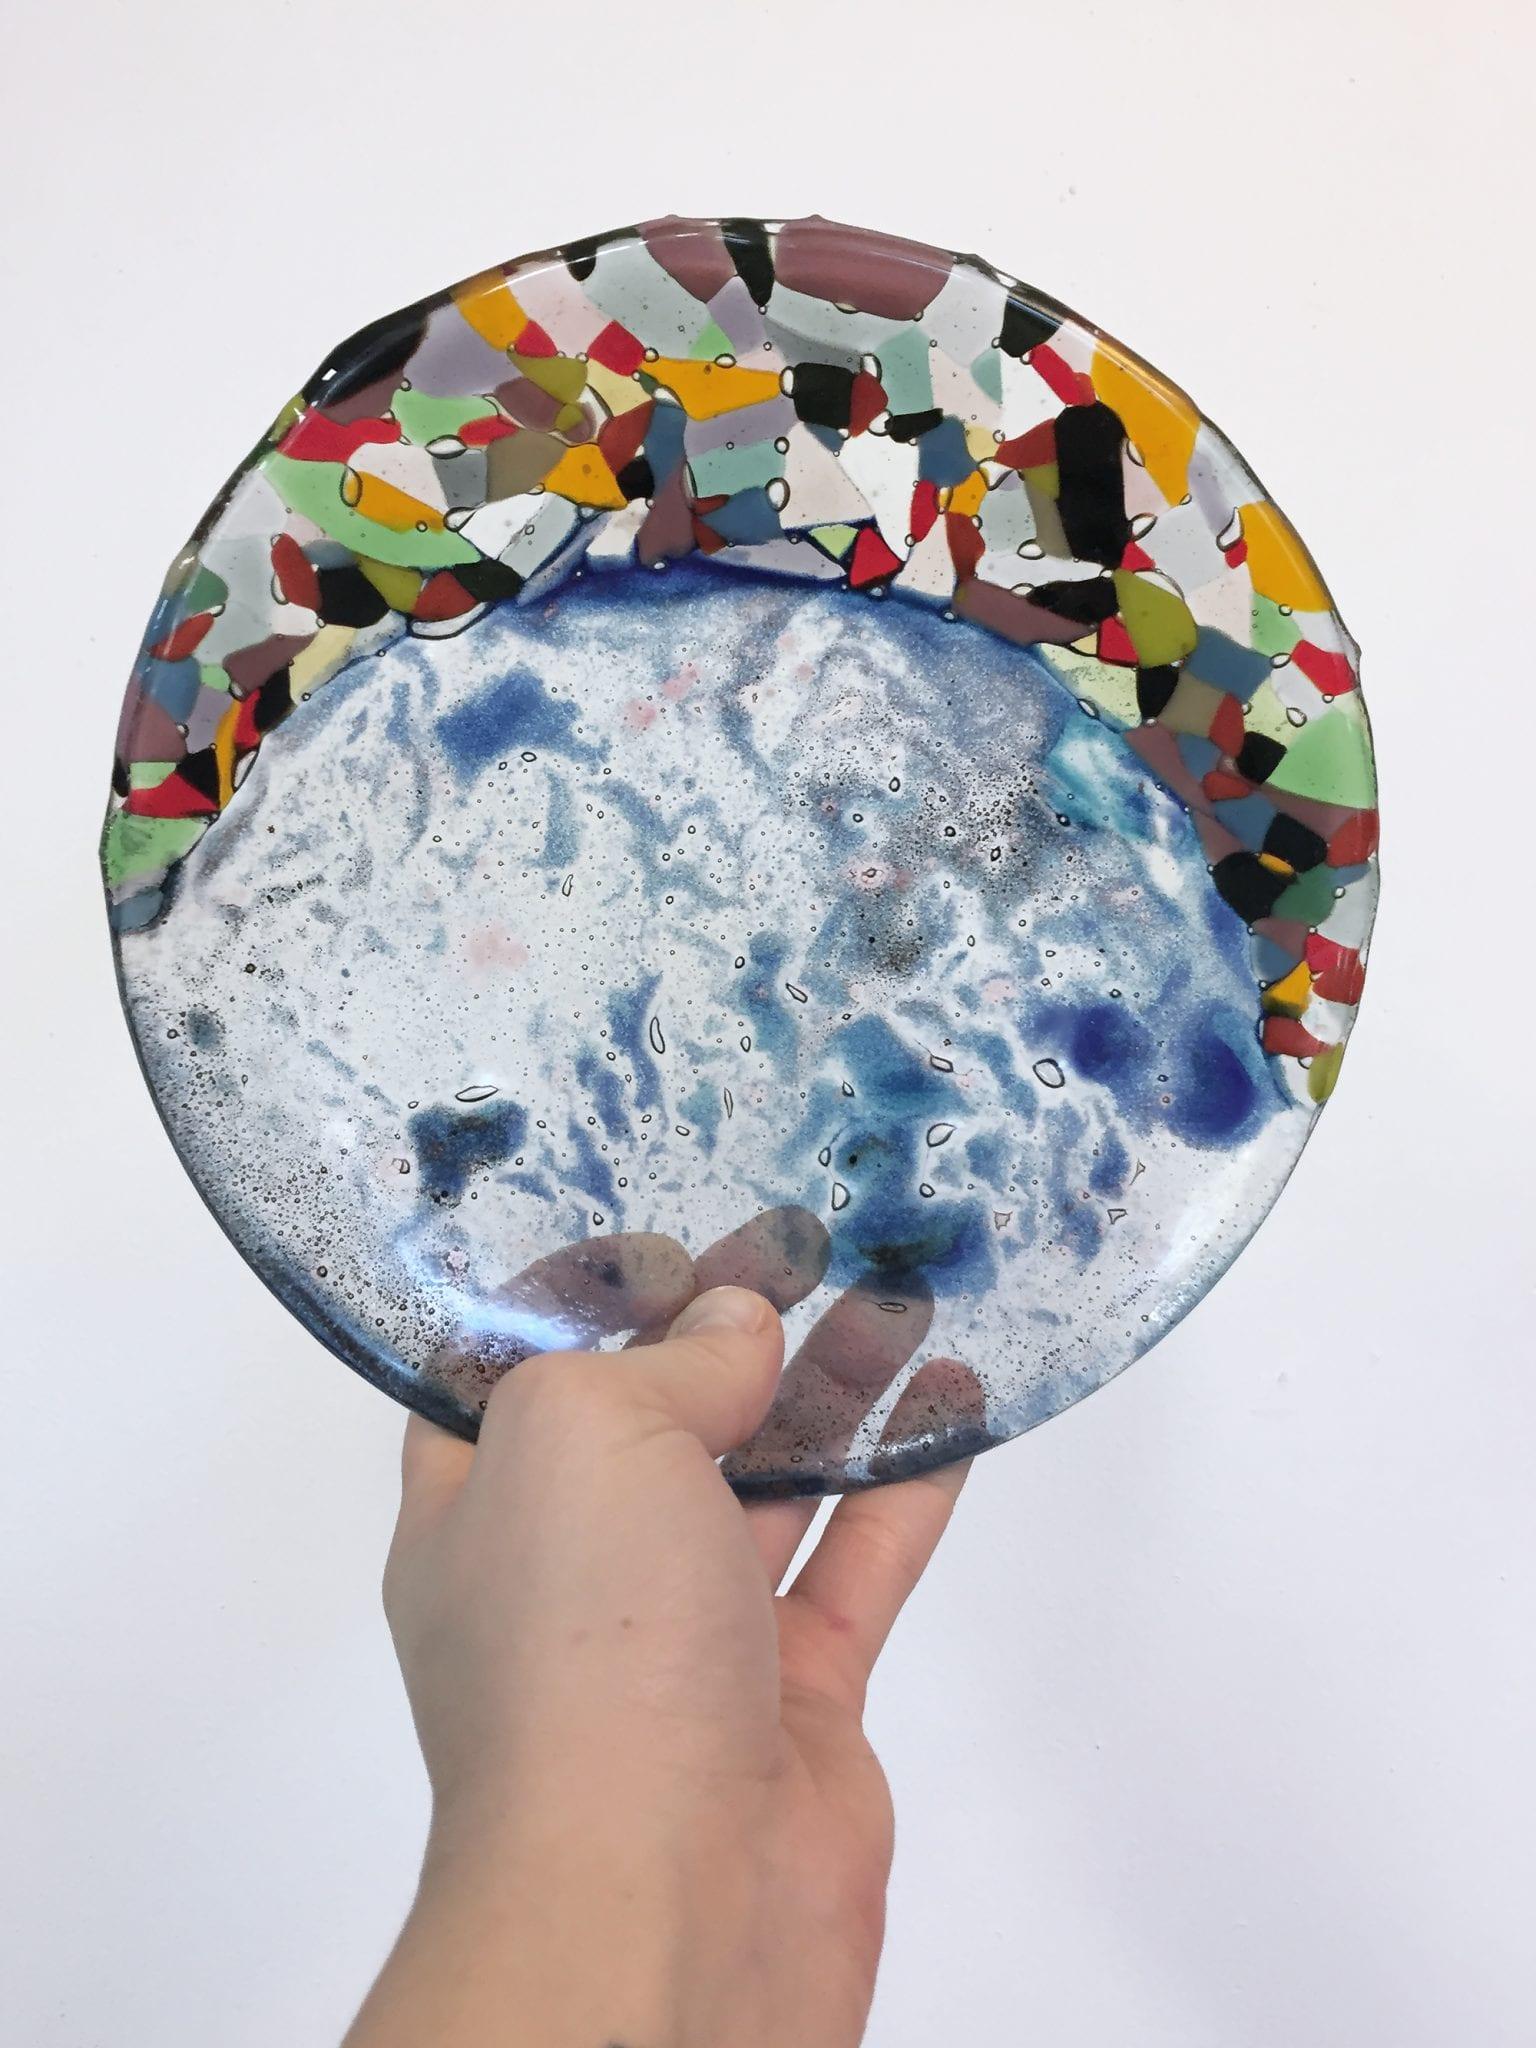 Мастер-класс - Разрисовывание стекла и техника фьюзинг. Glass-Point